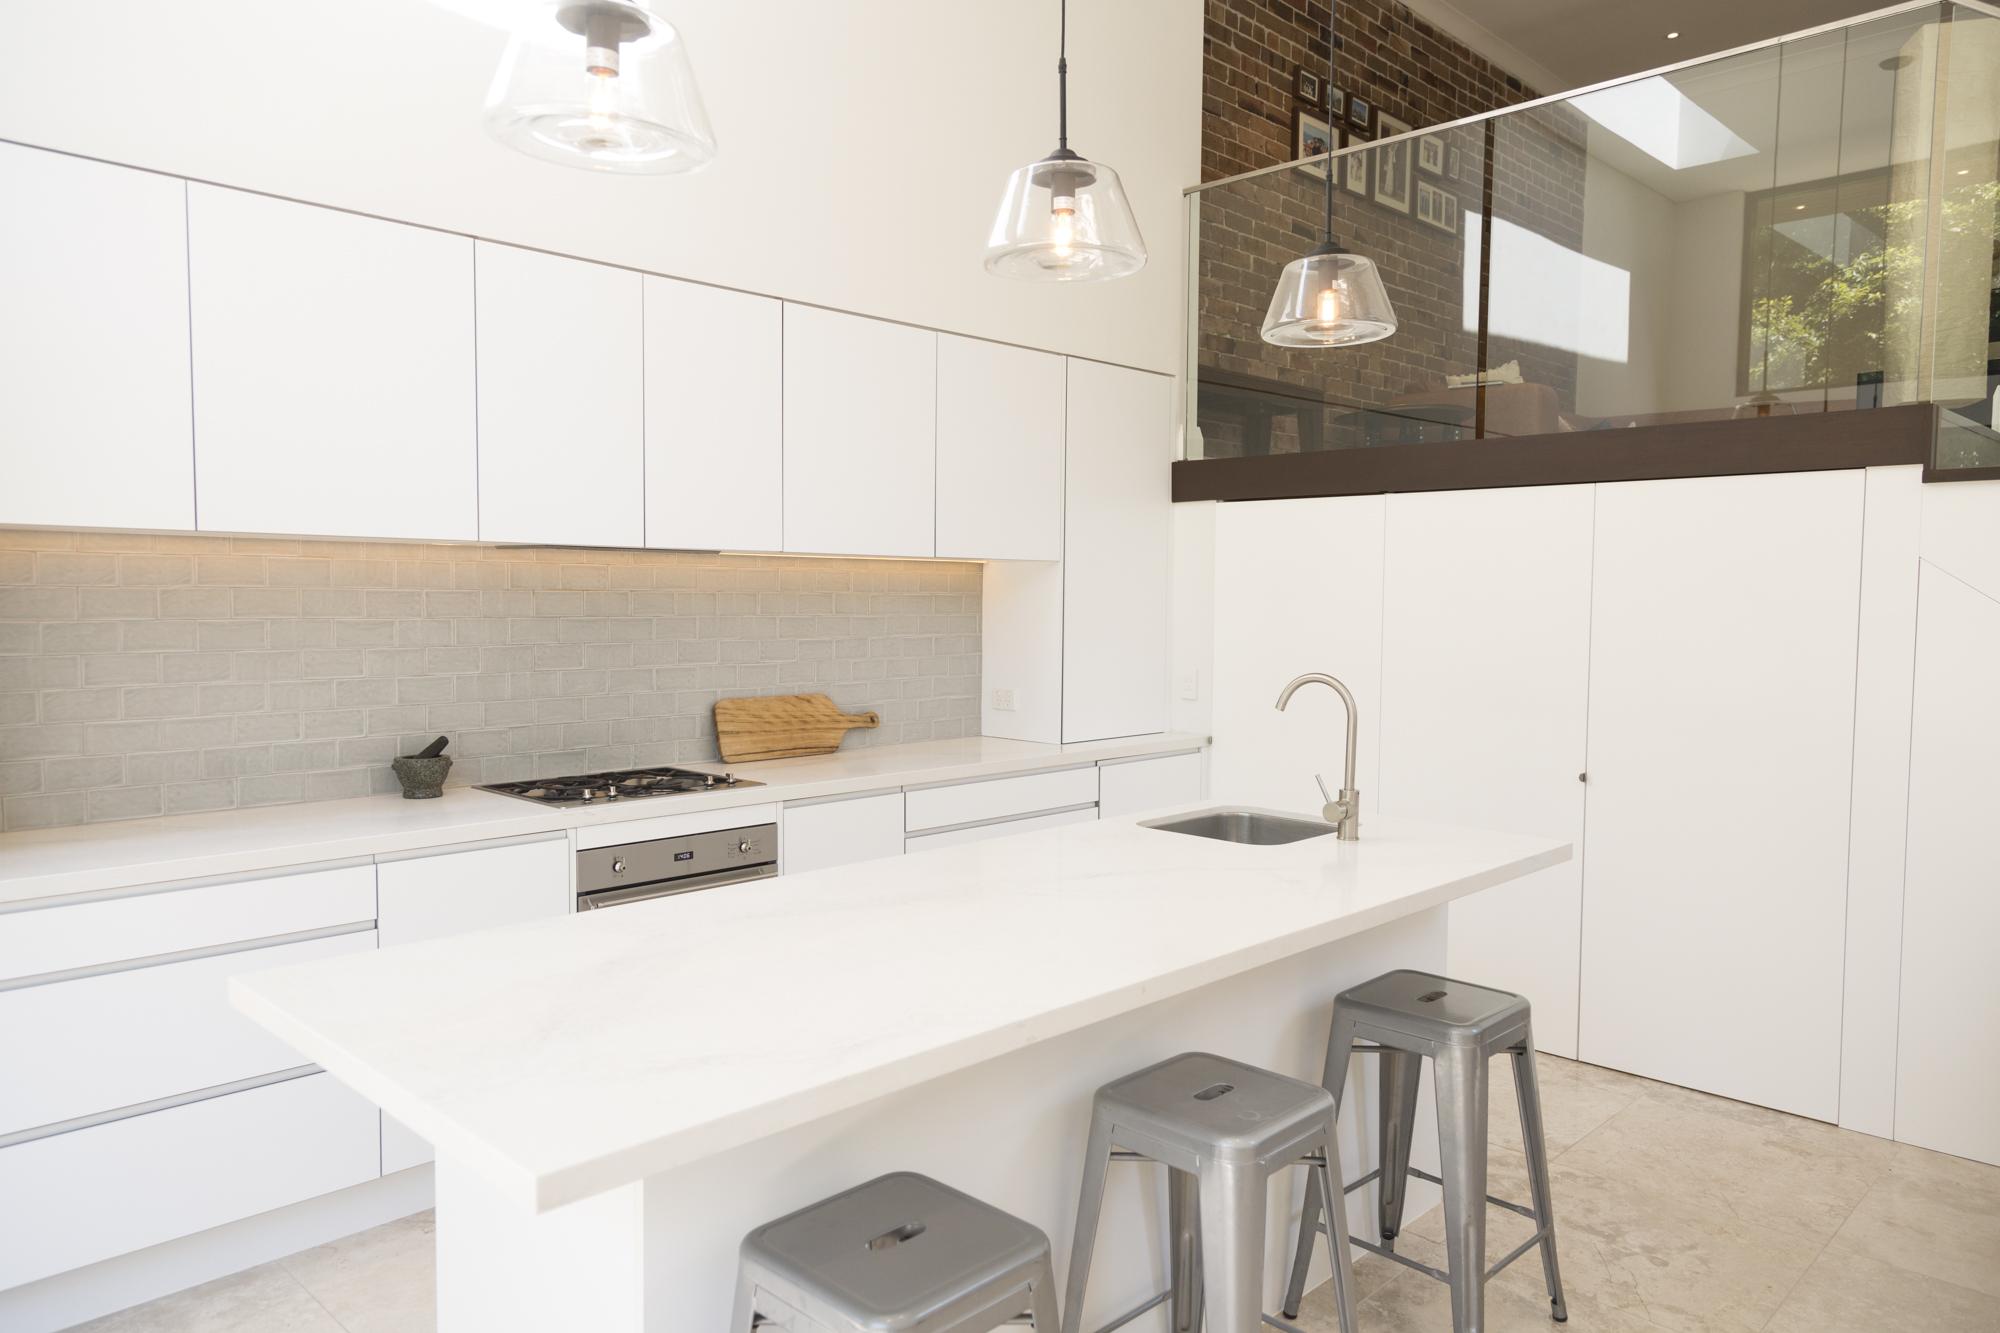 Bondi 3 bed kitchen